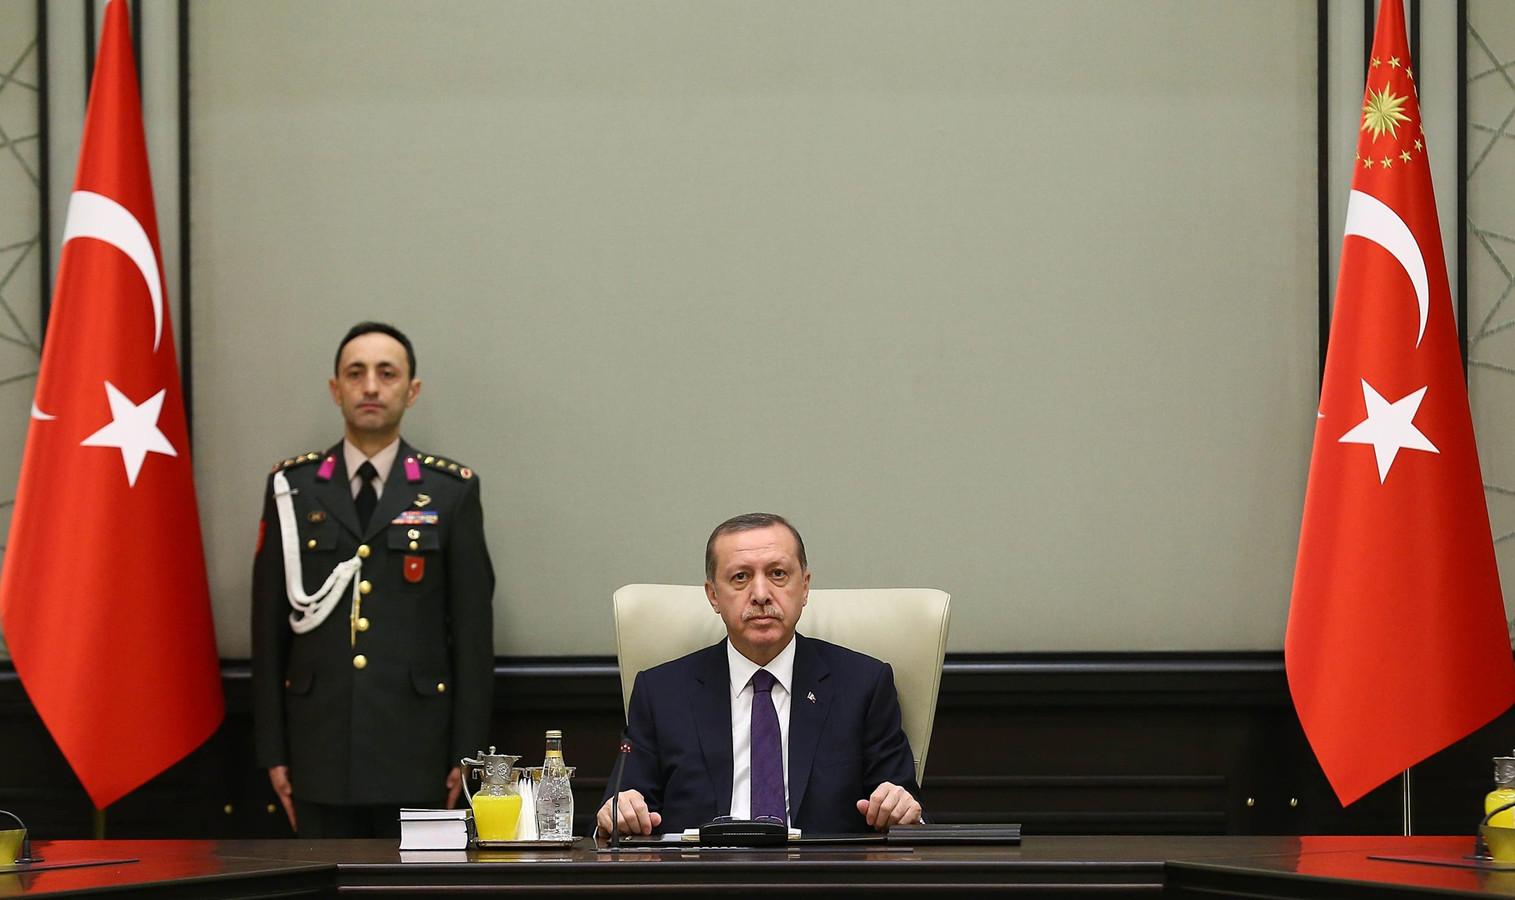 """Recep Erdogan a farouchement nié toutes les accusations, qu'il a attribuées à un """"complot""""."""